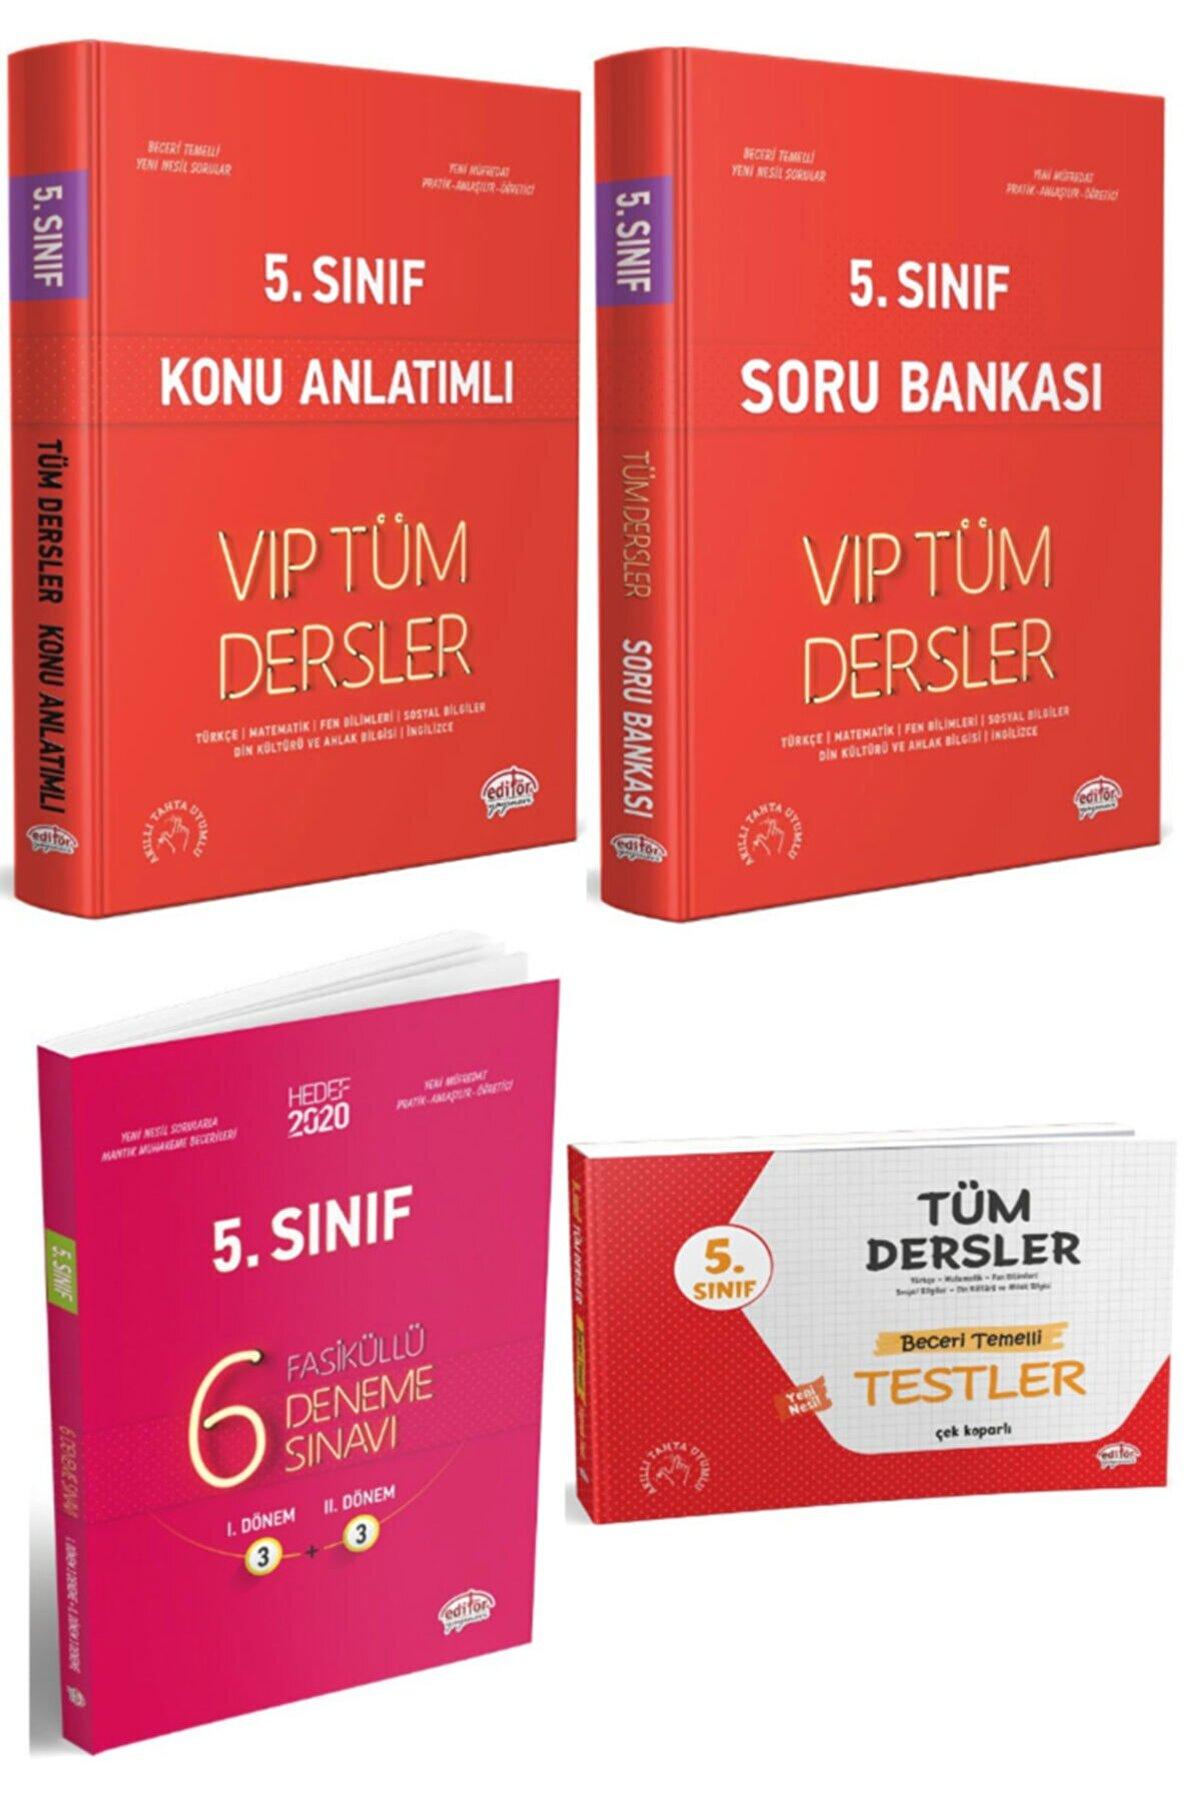 Editör Yayınları 5. Sınıf Tüm Dersler Vip Konu Anlatımlı + Soru Bankası + Yaprak Test + 6 Fasiküllü Deneme 4 Lü Set